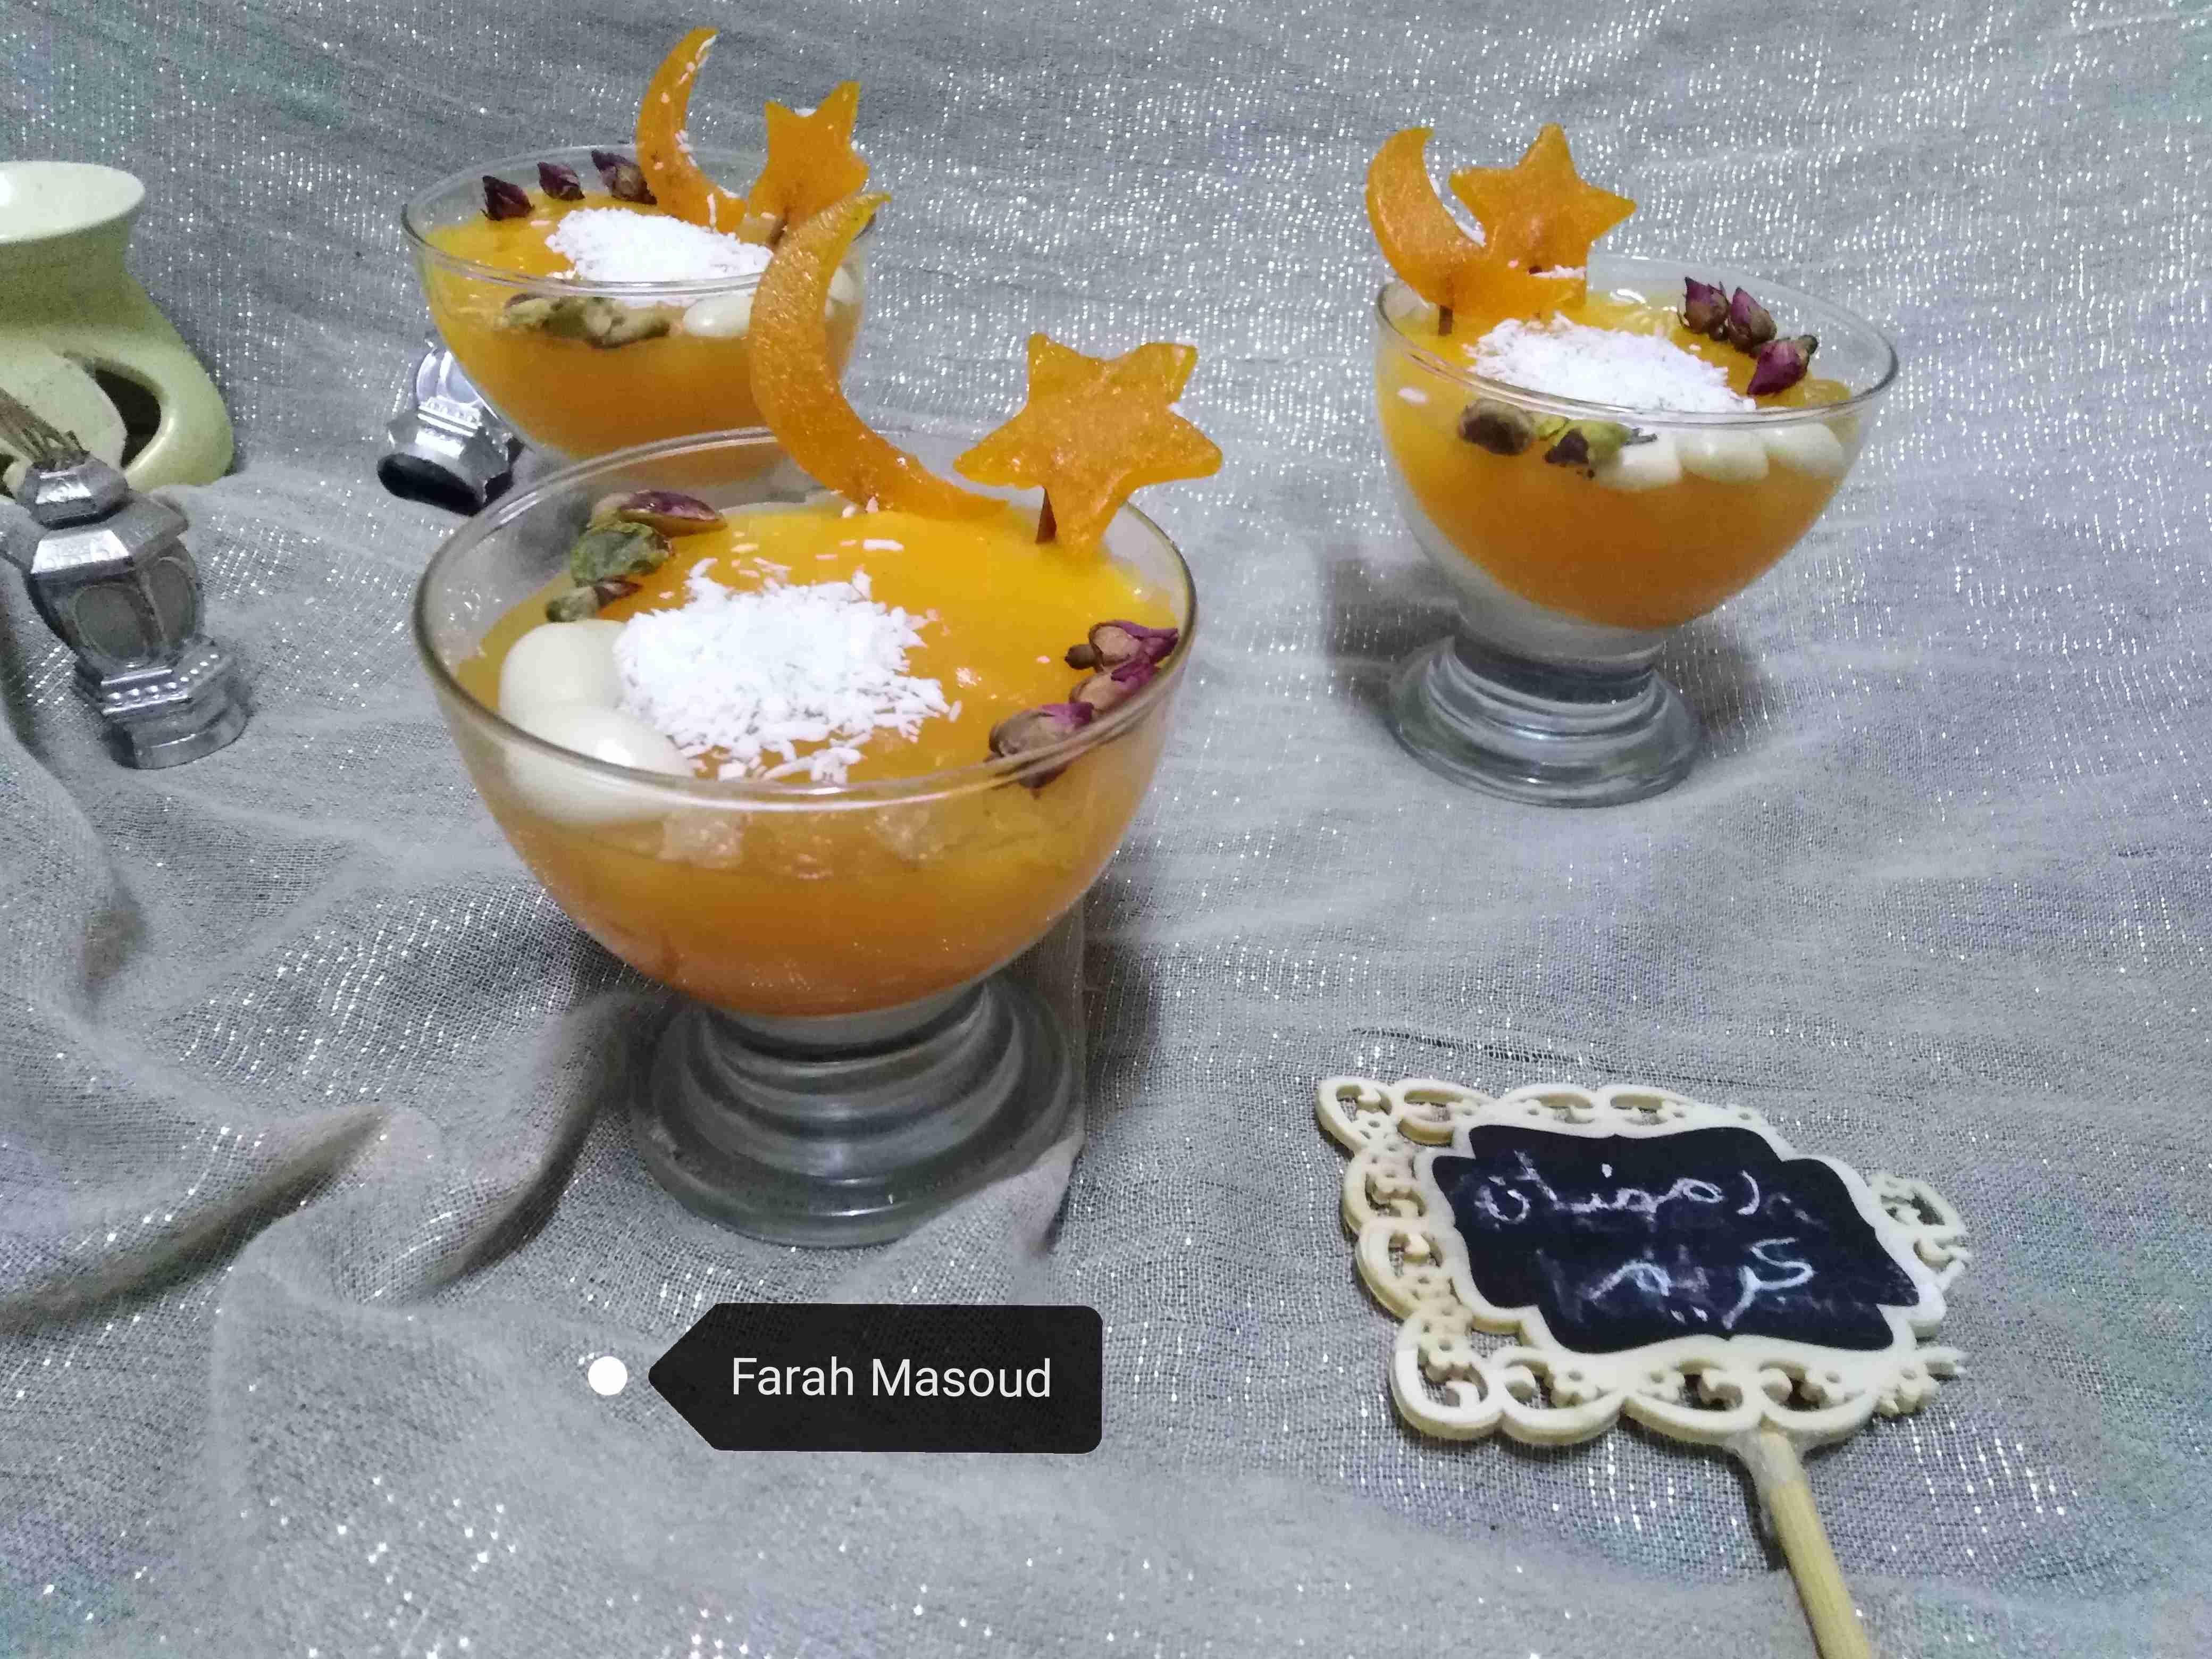 طريقة عمل مهلبية قمر الدين ملكة رمضان زاكي Recipe Chicken Comfort Chicken Dishes Easy Chicken